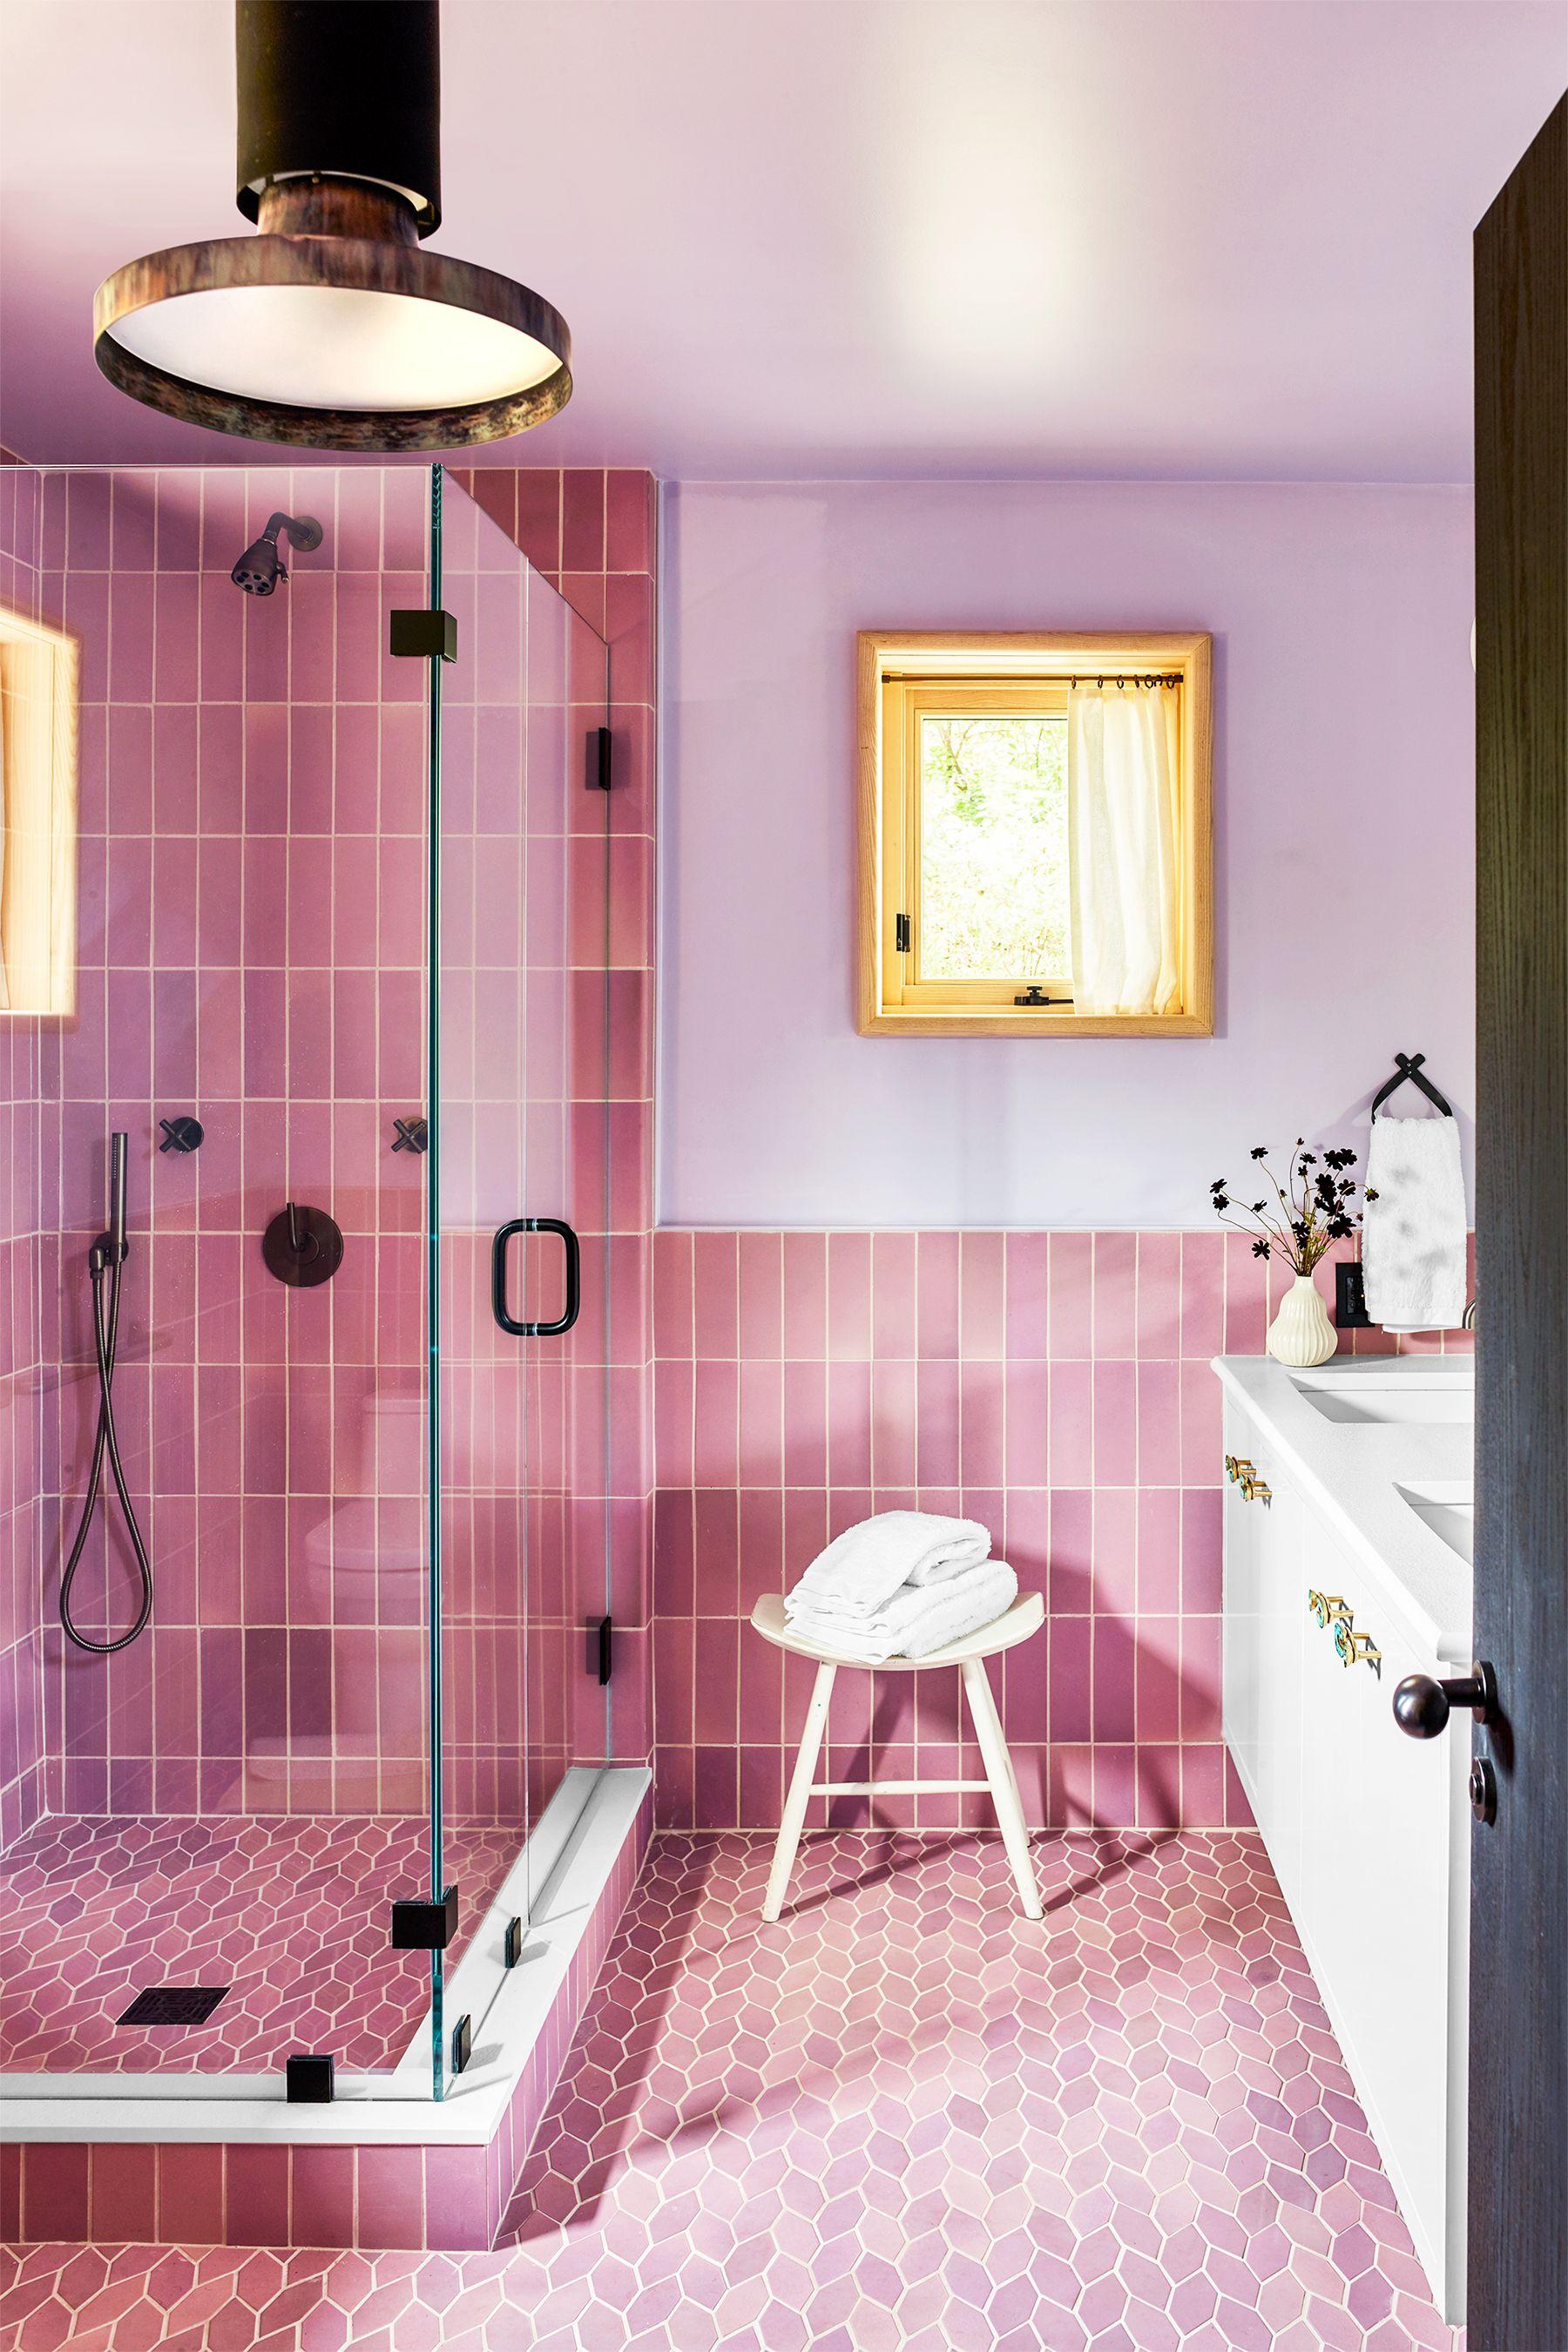 48 Bathroom Tile Ideas Bath, Tile Designs For Bathroom